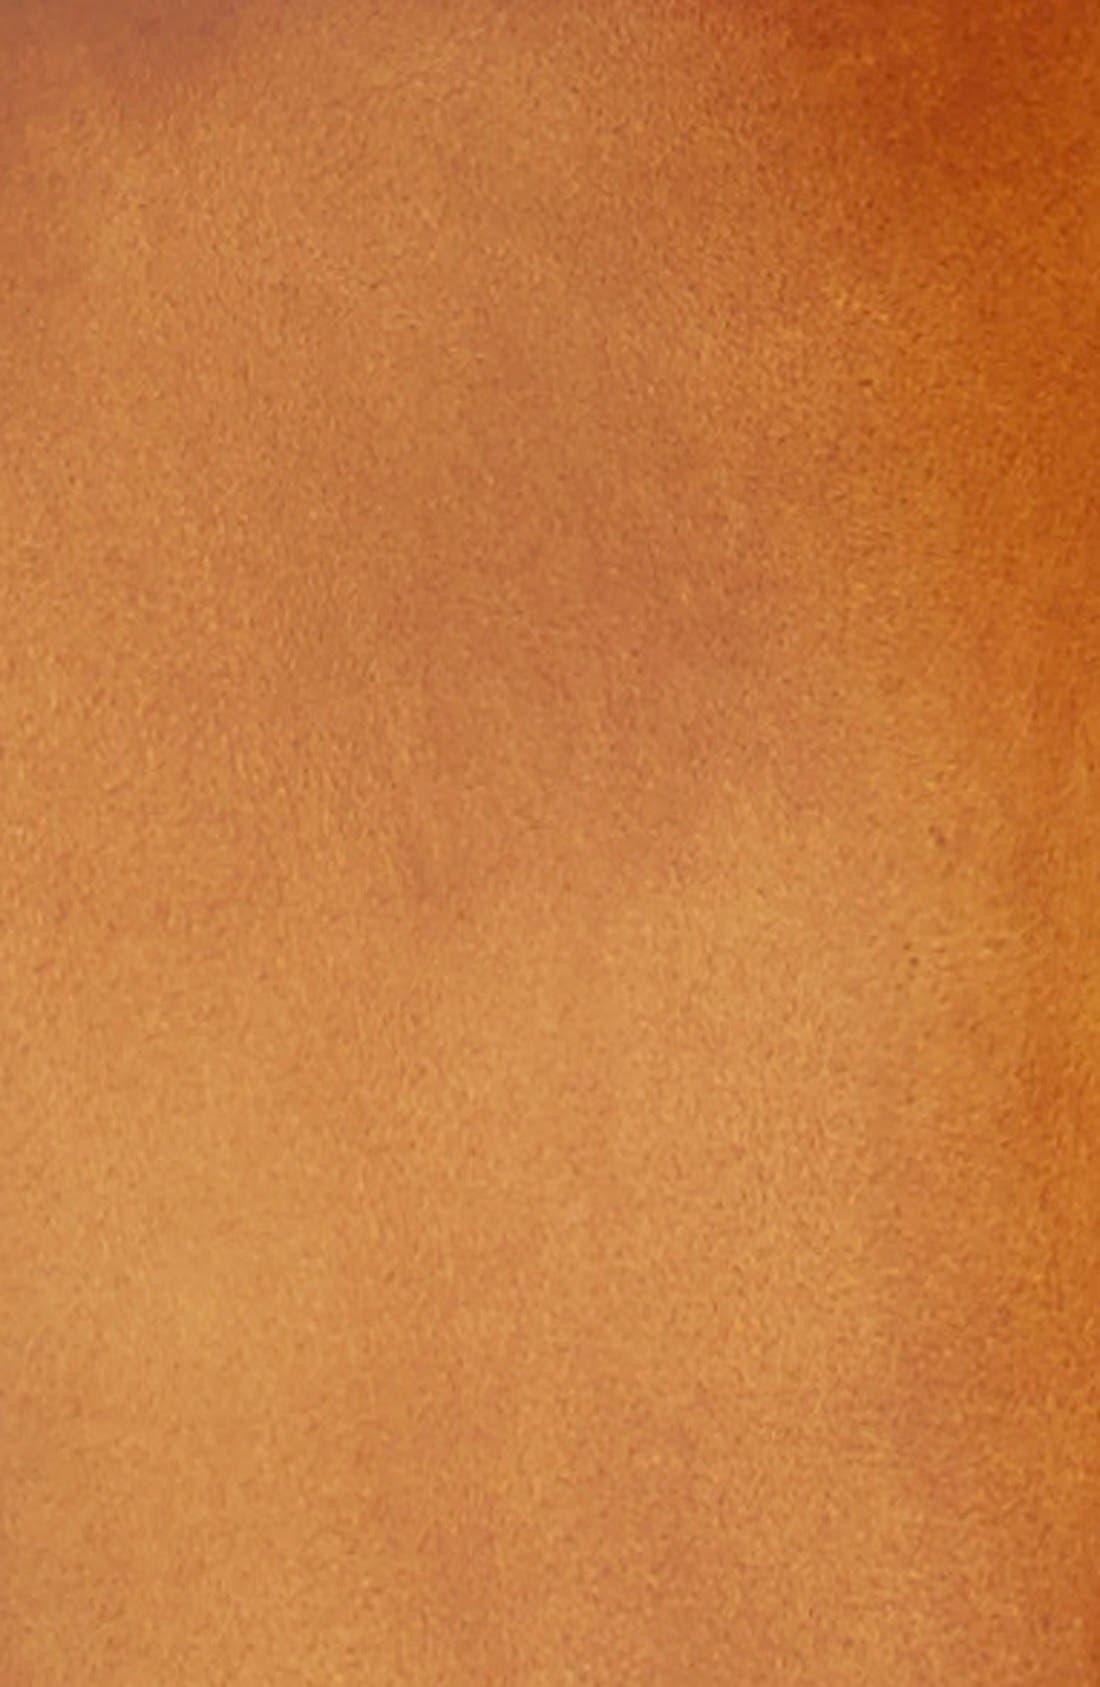 Alternate Image 2  - Magnanni Carbon Leather Belt